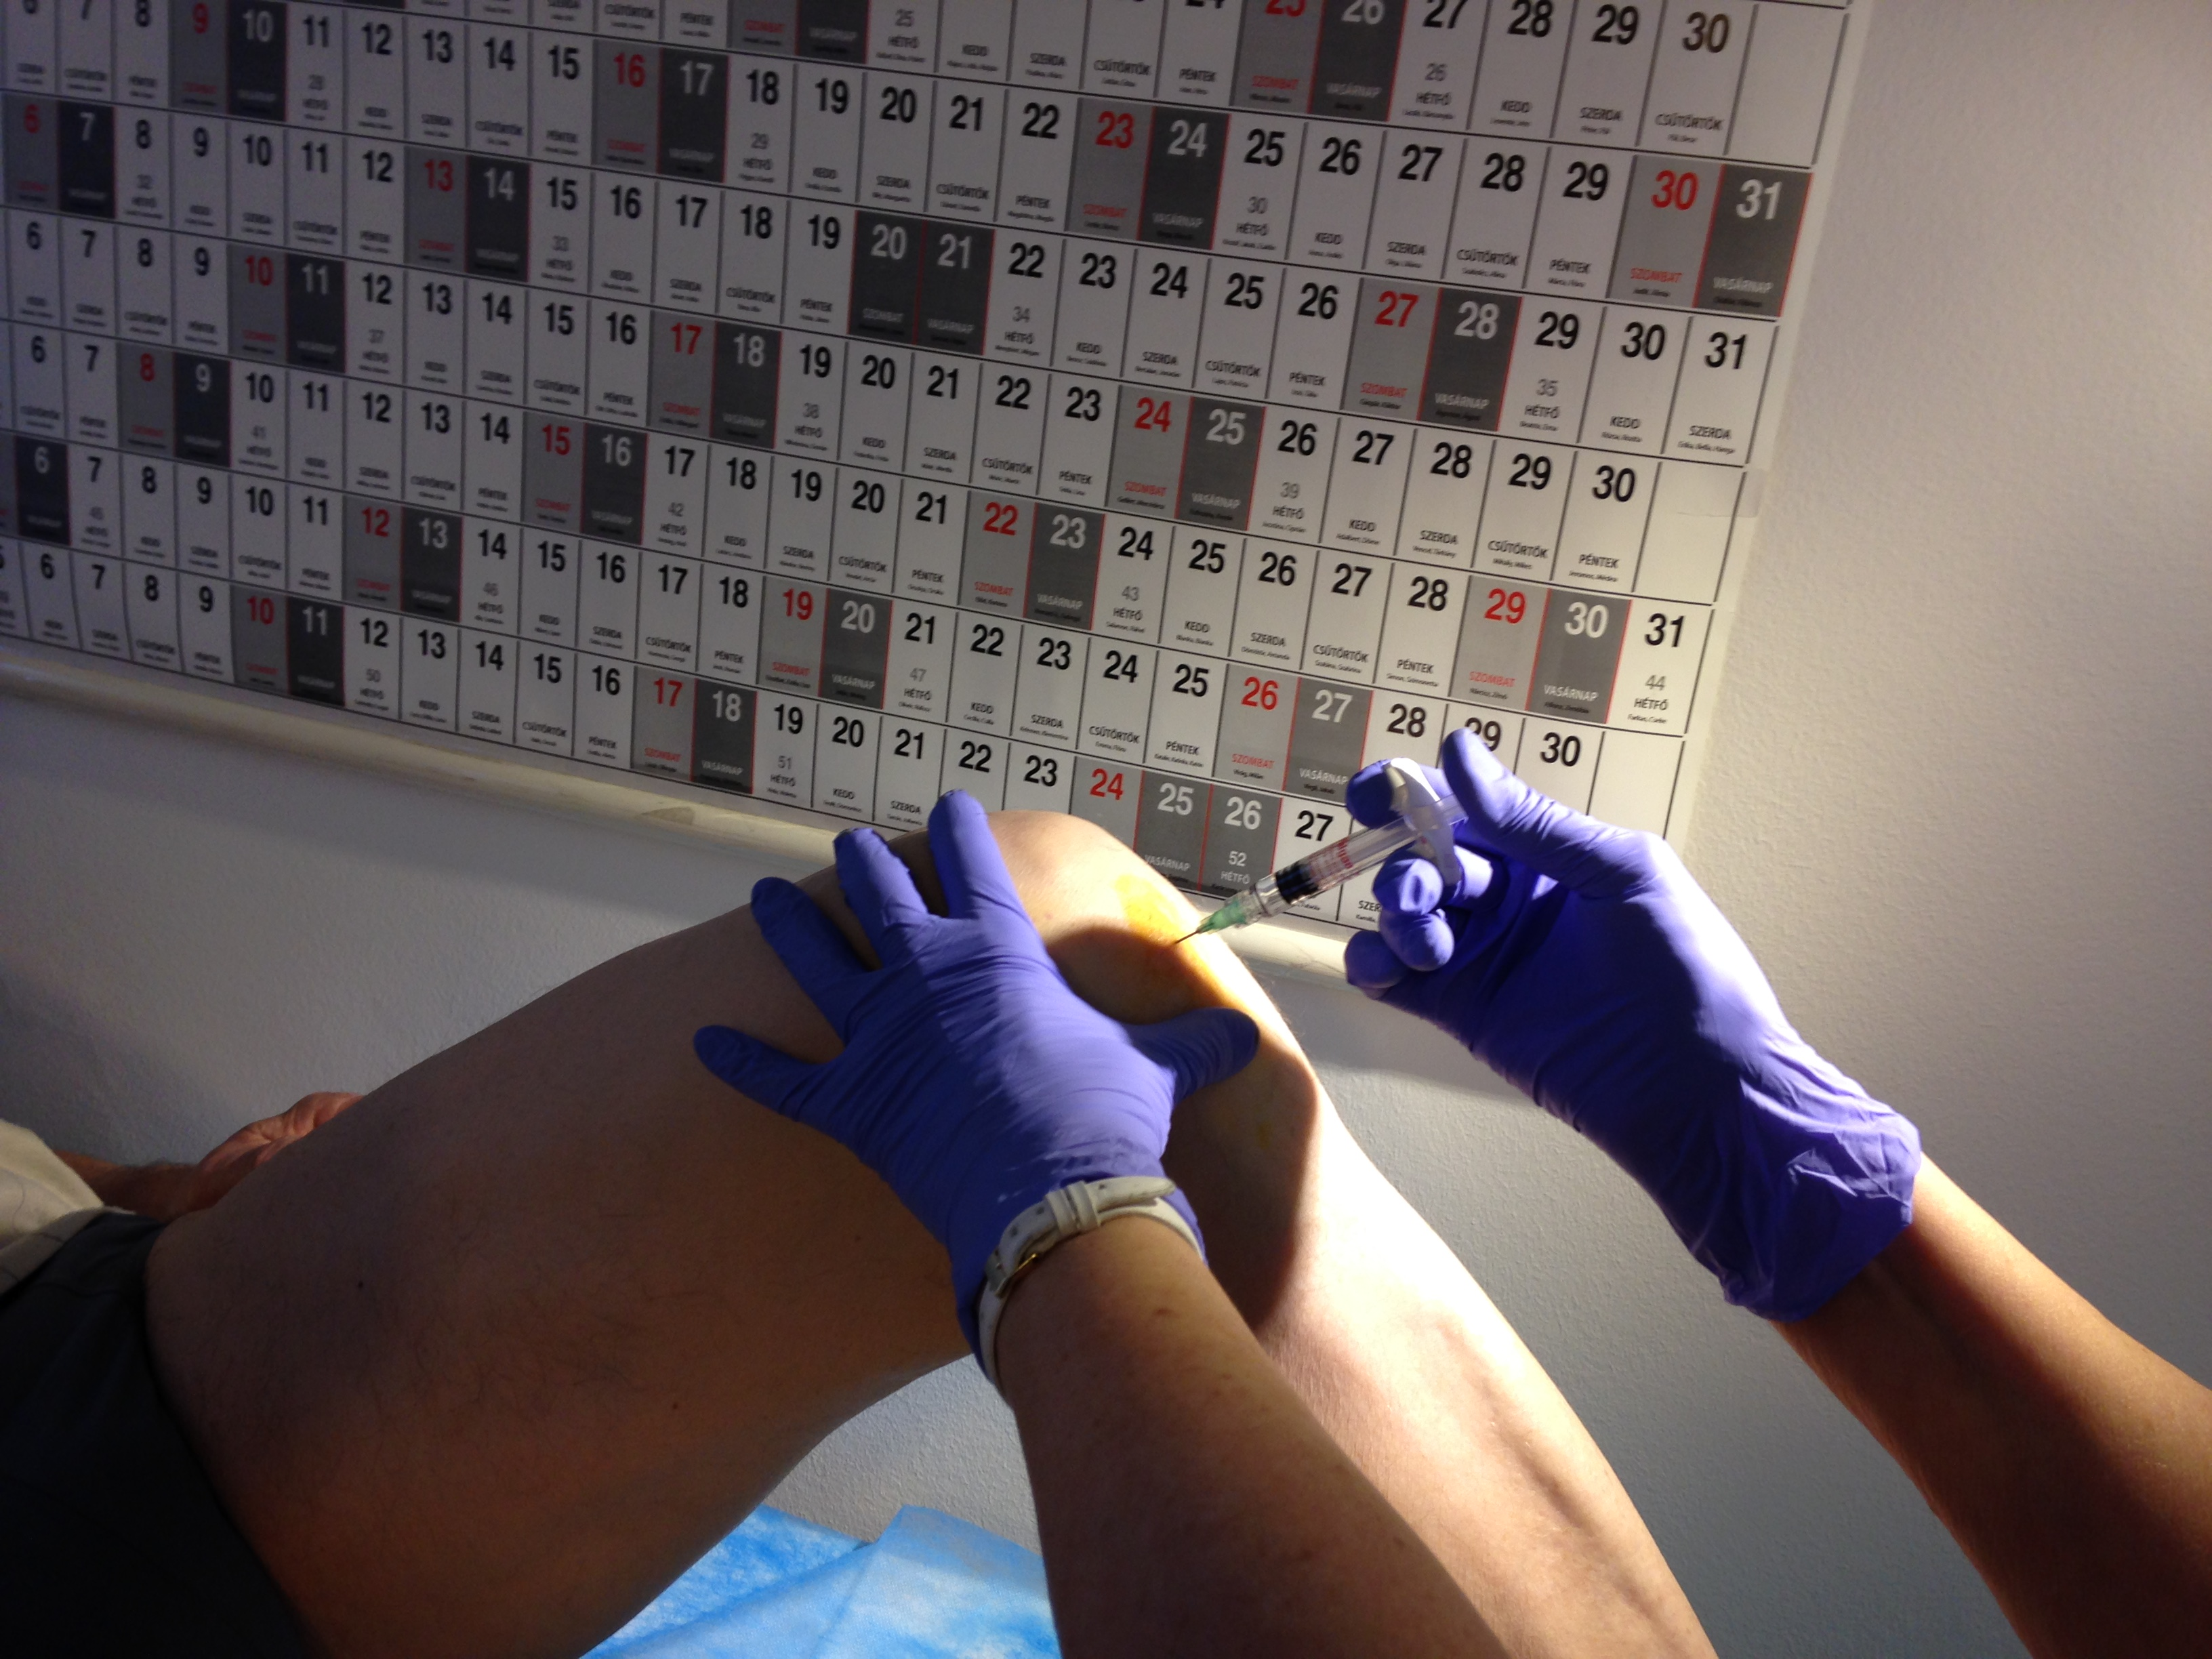 térdízületi kezelés injekció)